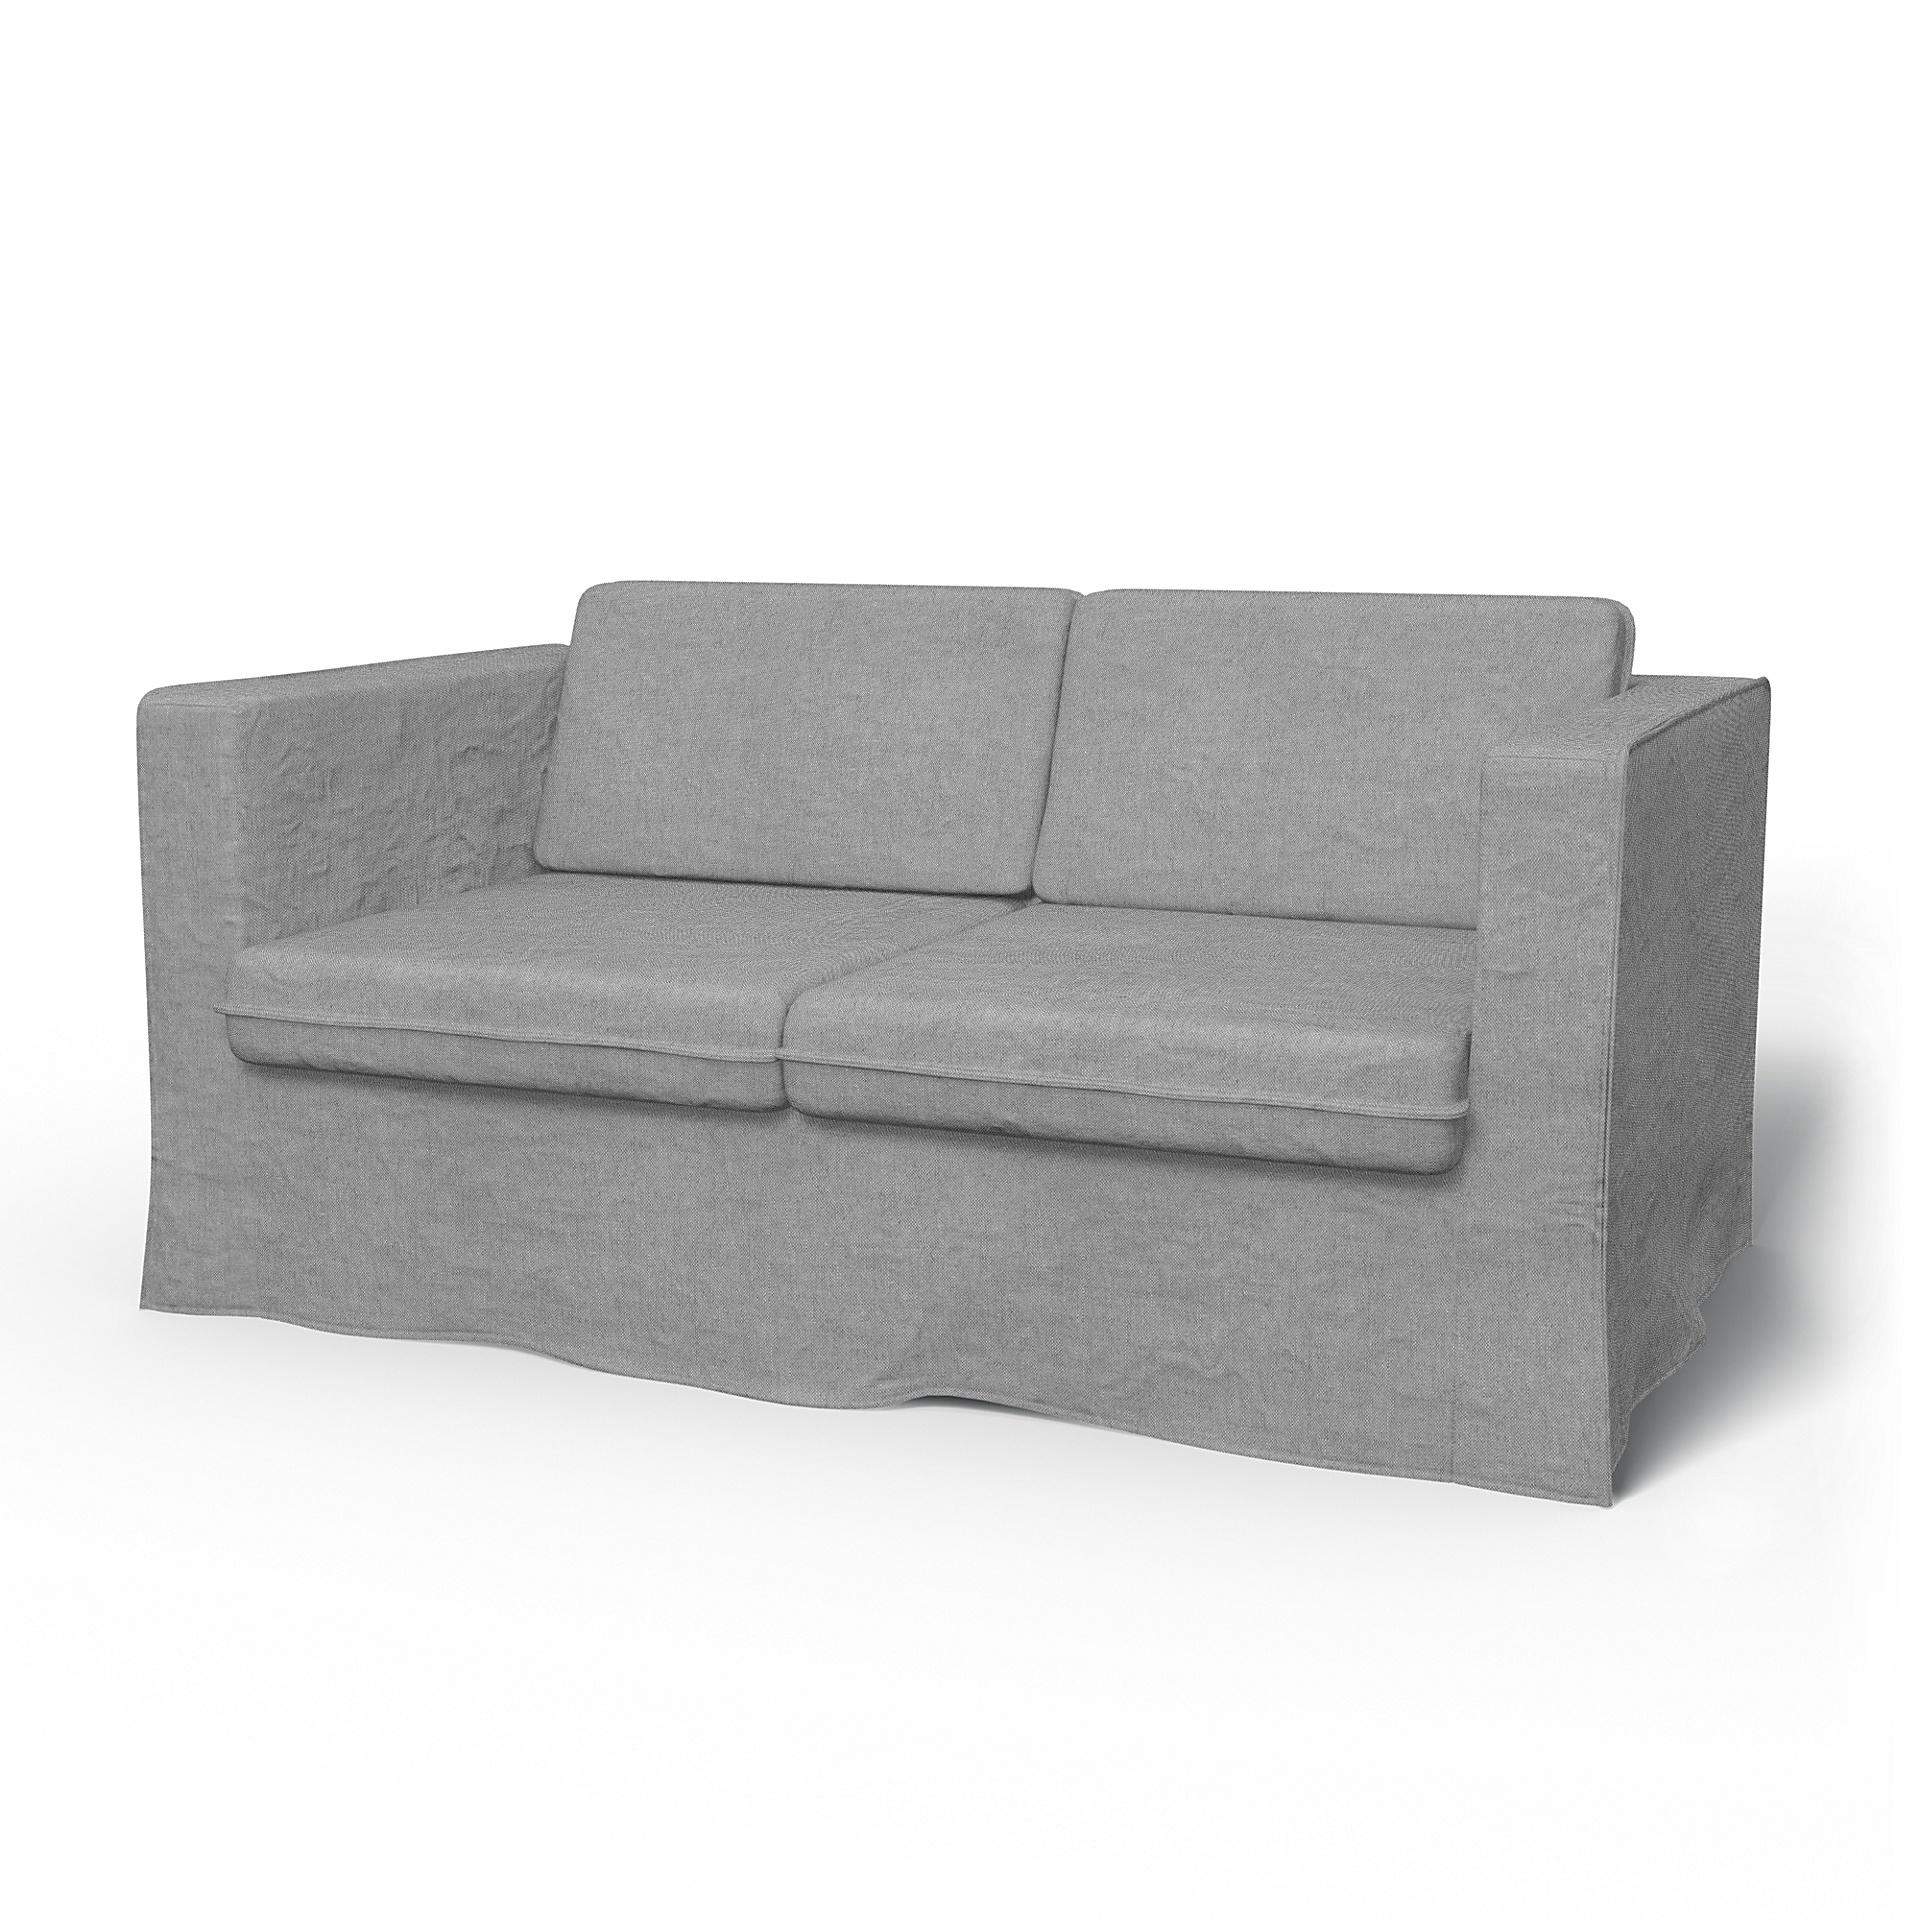 Ikea Karlanda 2 Seater Sofa Cover Loose Fit Bemz